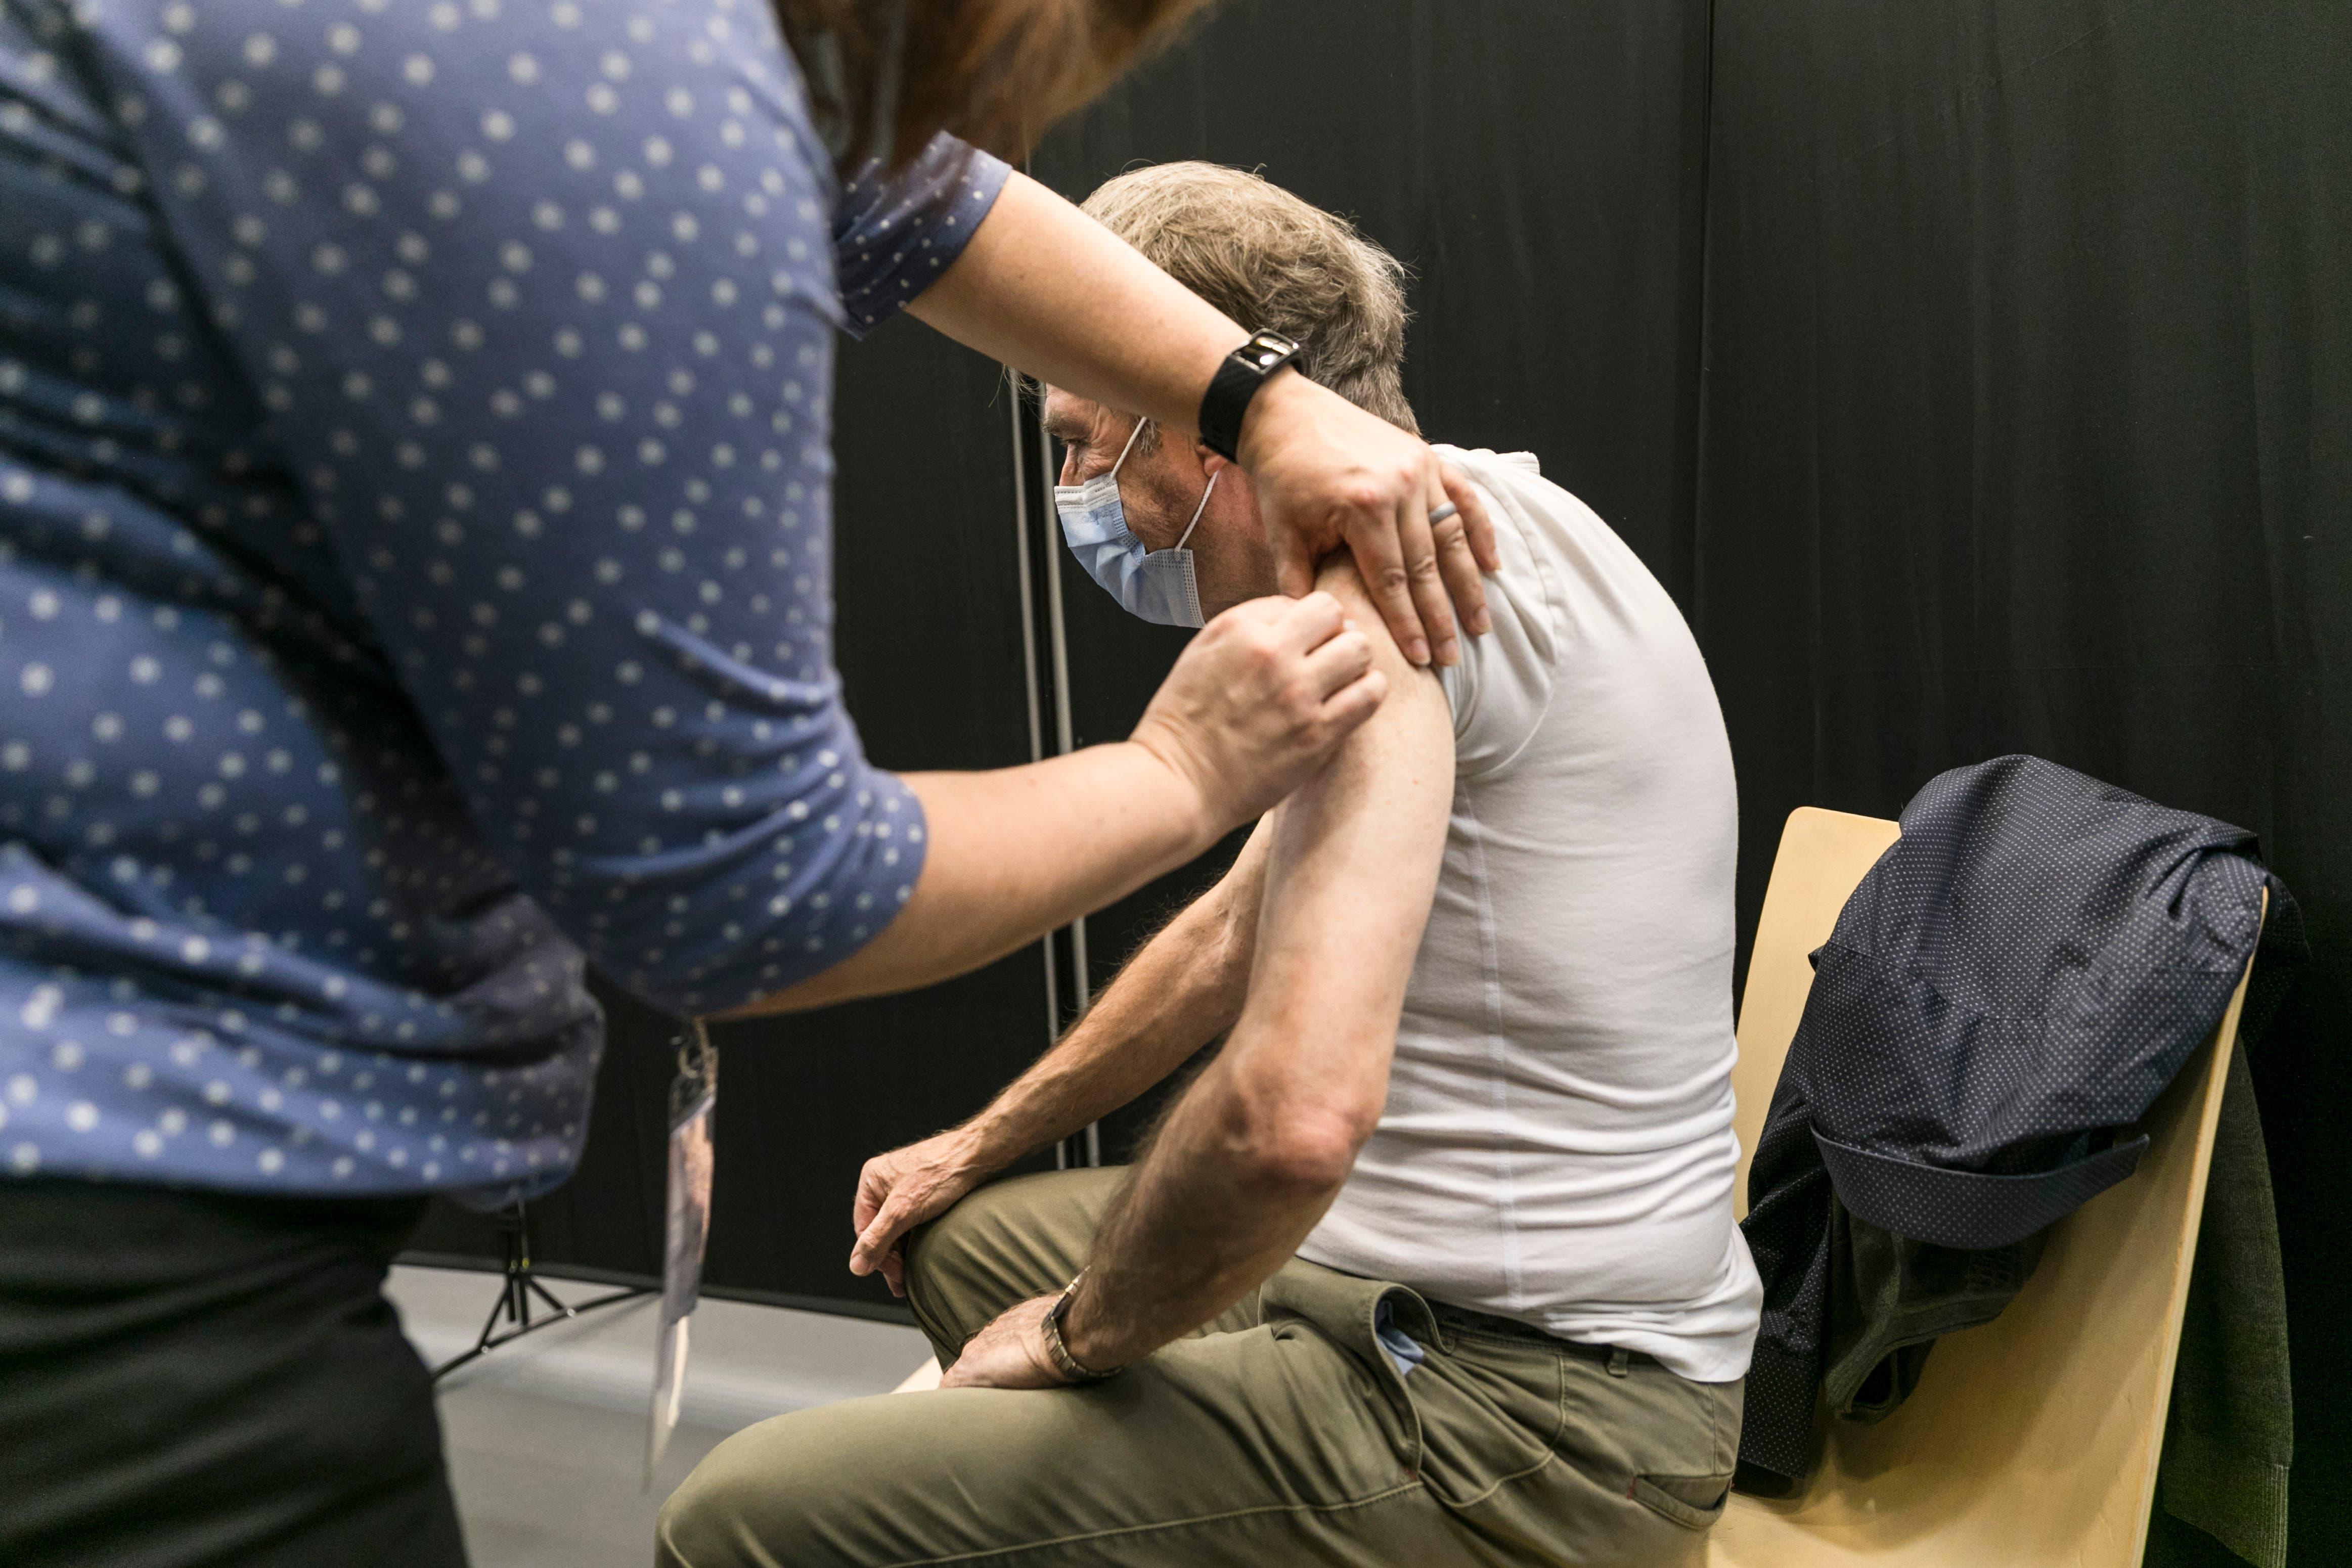 Ein Pieks, der hoffentlich etwas Normalität zurückbringt: Die Covid-Impfung dauert etwa zehn Minuten.